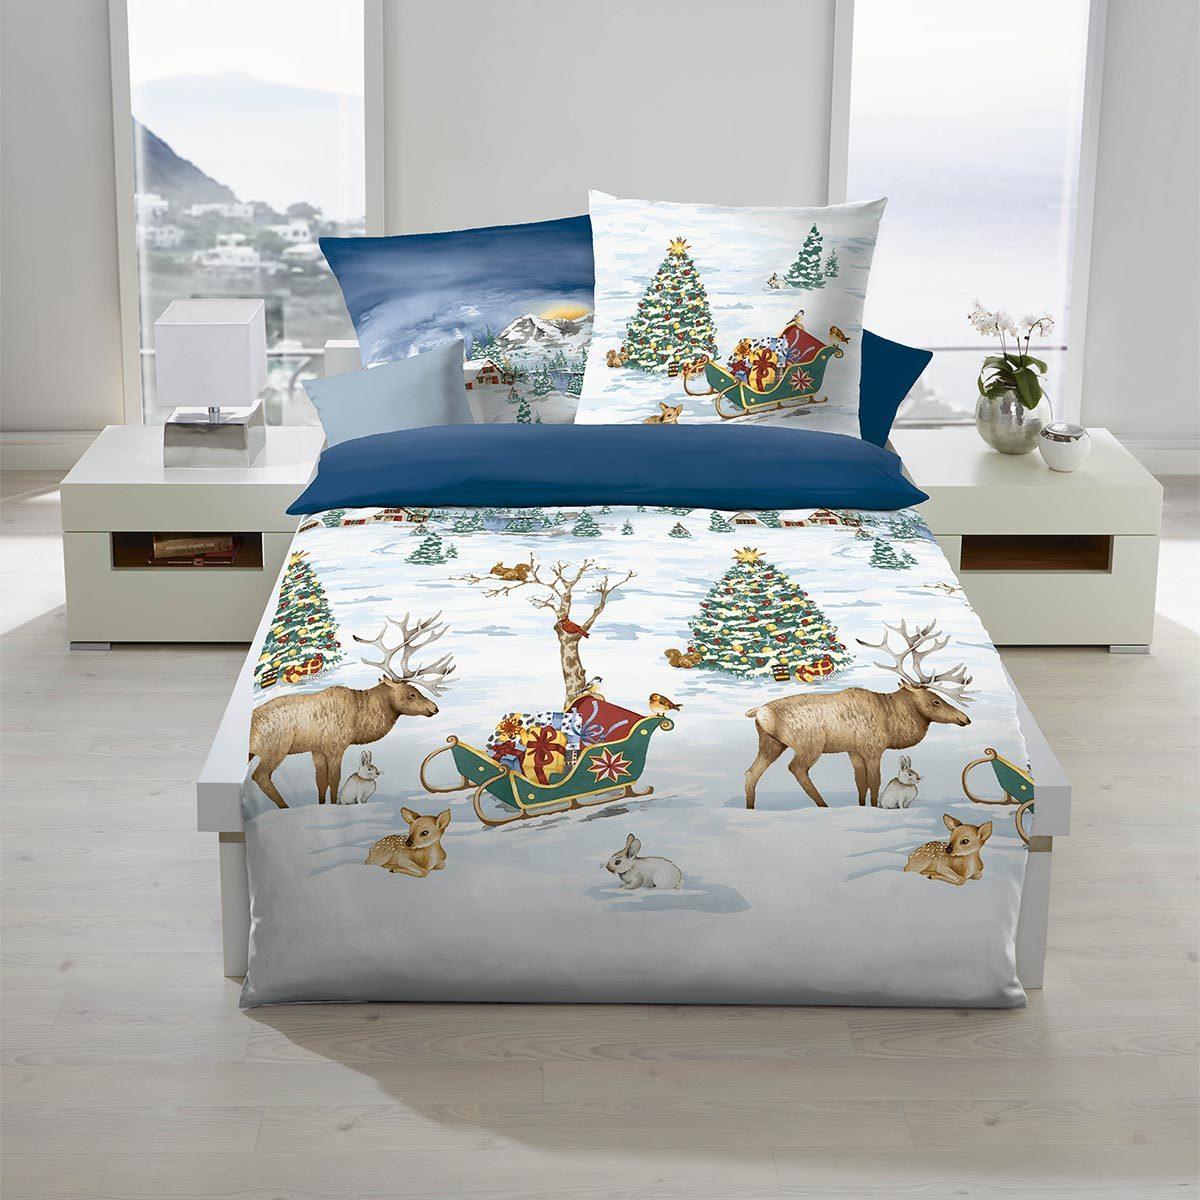 traumschlaf biber bettw sche winterzauber g nstig online kaufen bei bettwaren shop. Black Bedroom Furniture Sets. Home Design Ideas